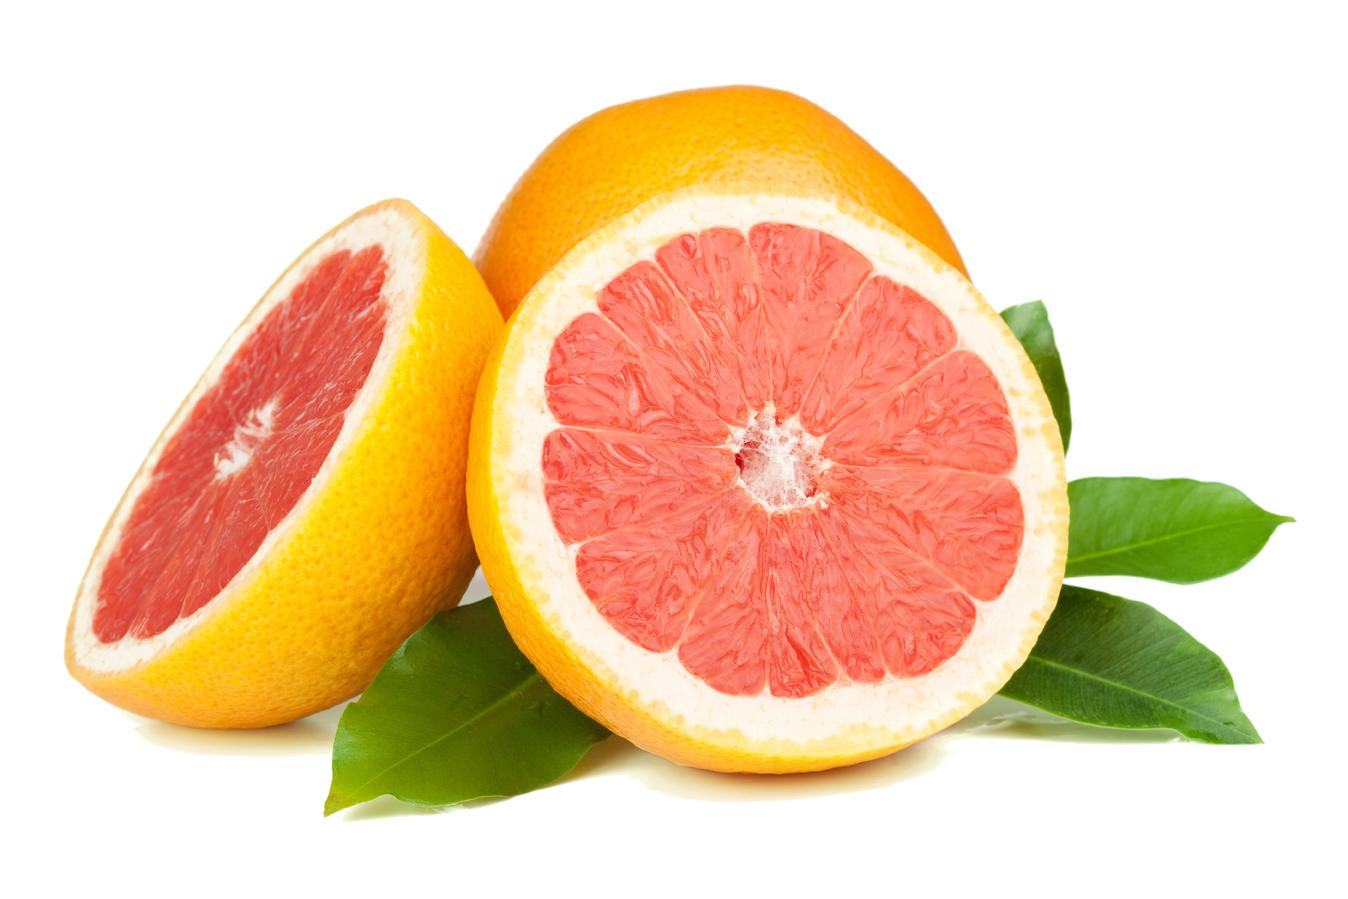 d limonén a fogyáshoz